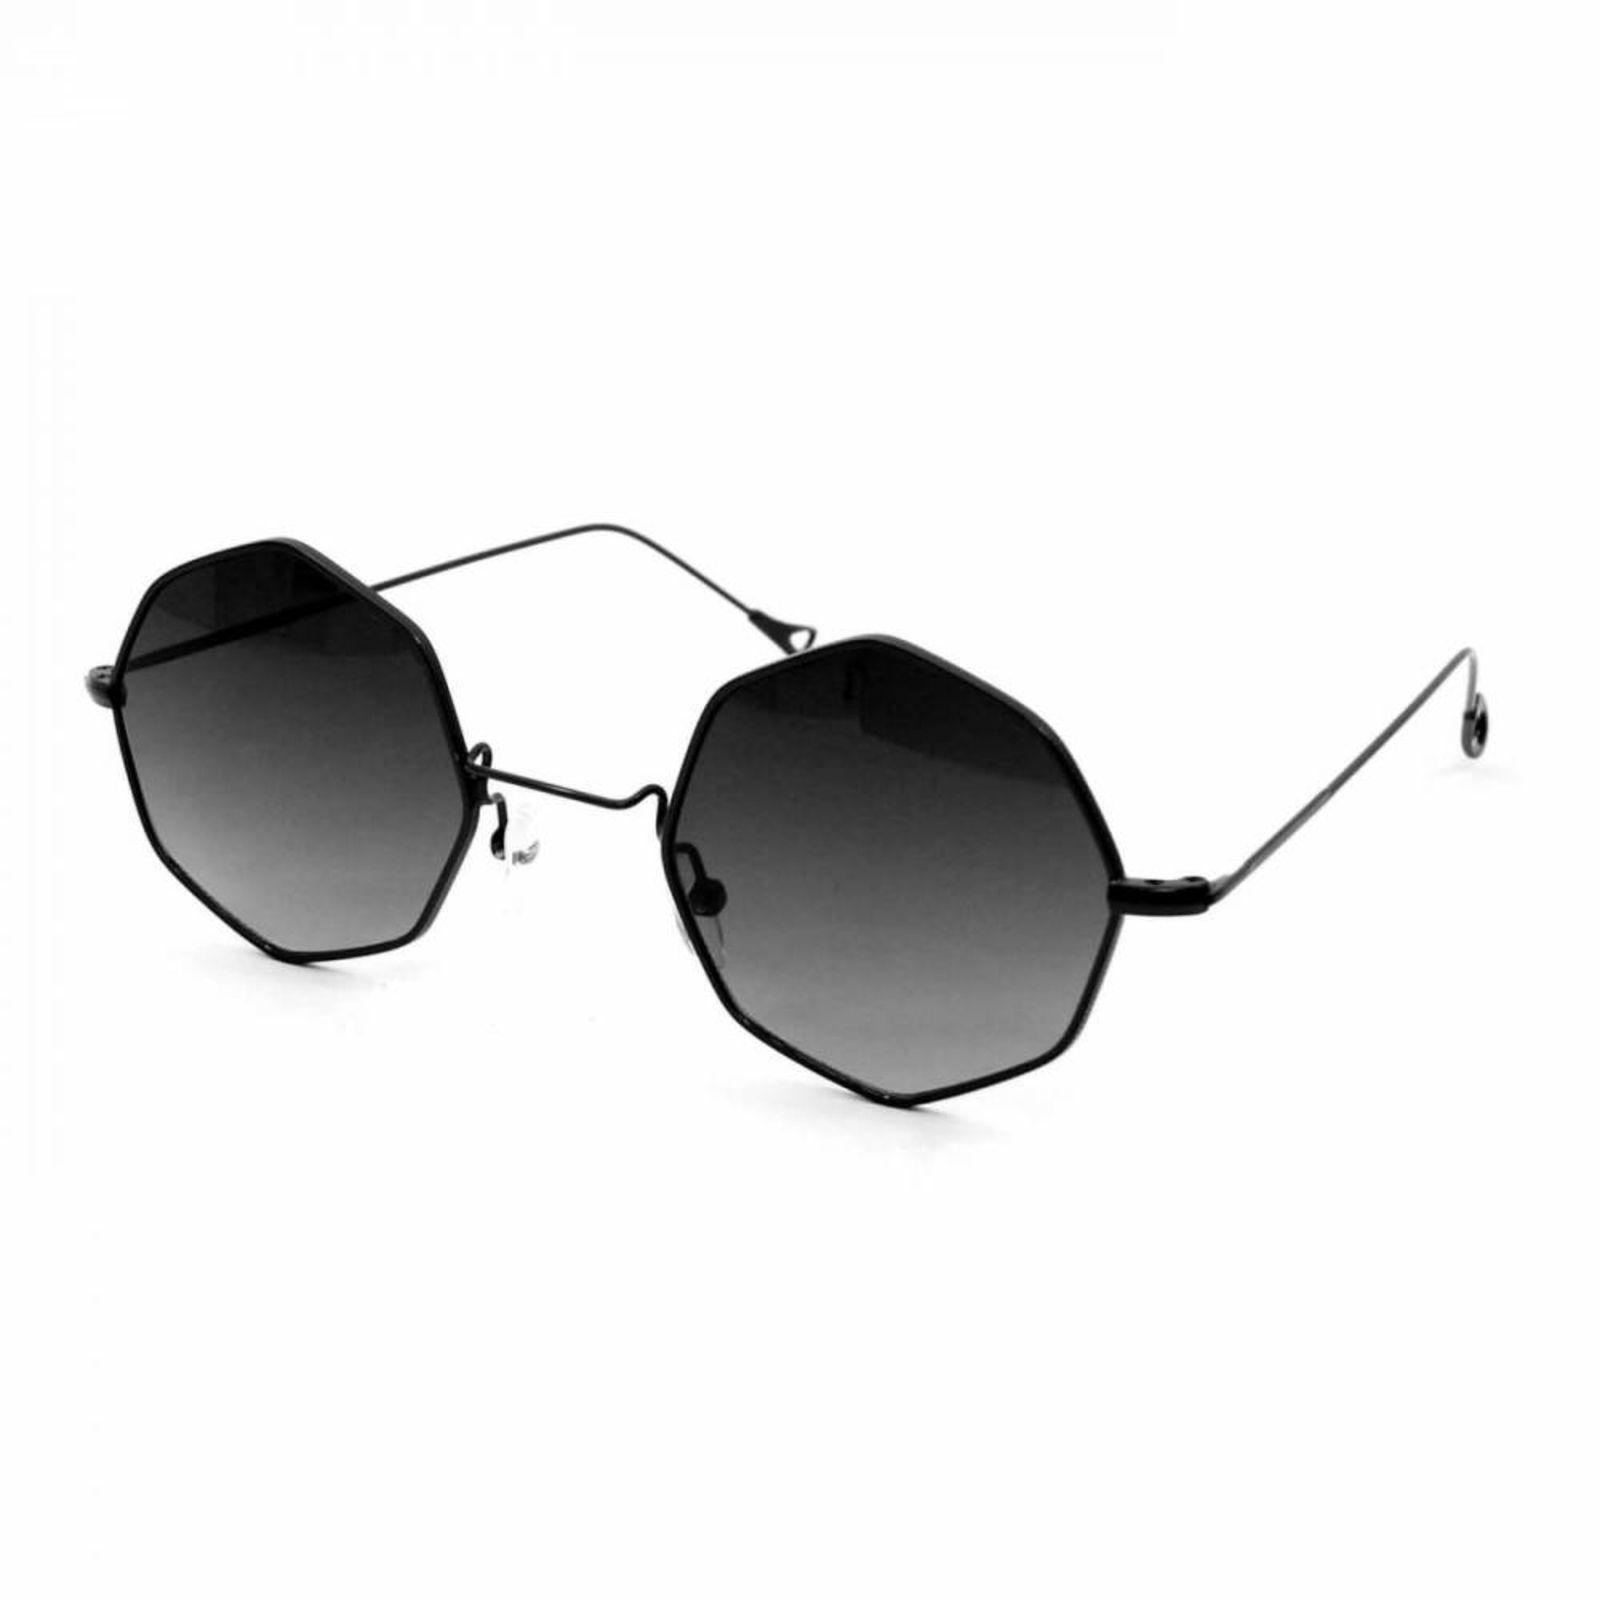 70e92fd7d Óculos Redondo Preto, Oculos Preto, Óculos De Sol Retro, Tendências De  Óculos,